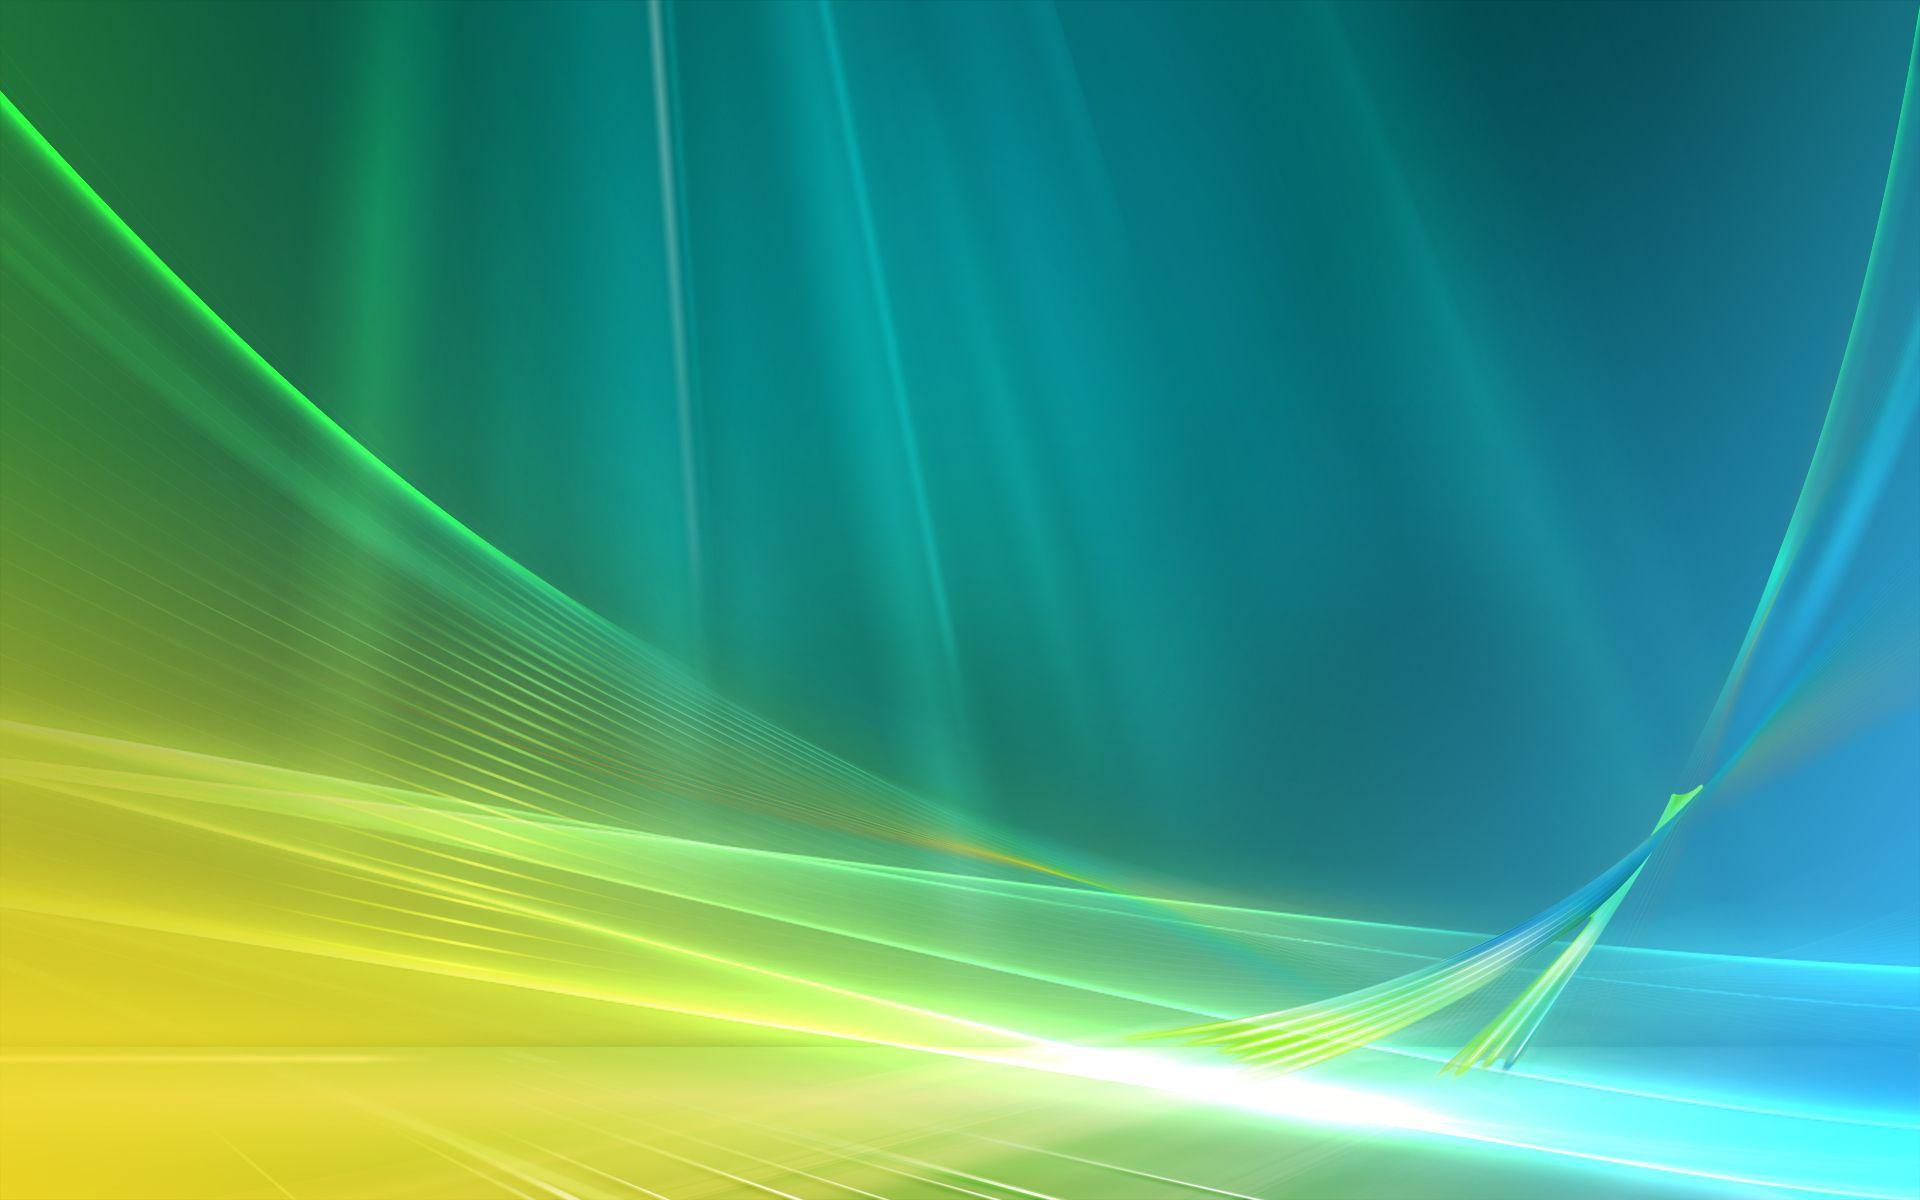 dell windows 7 desktop wallpaper dell windows 7 desktop wallpaper 1920x1200